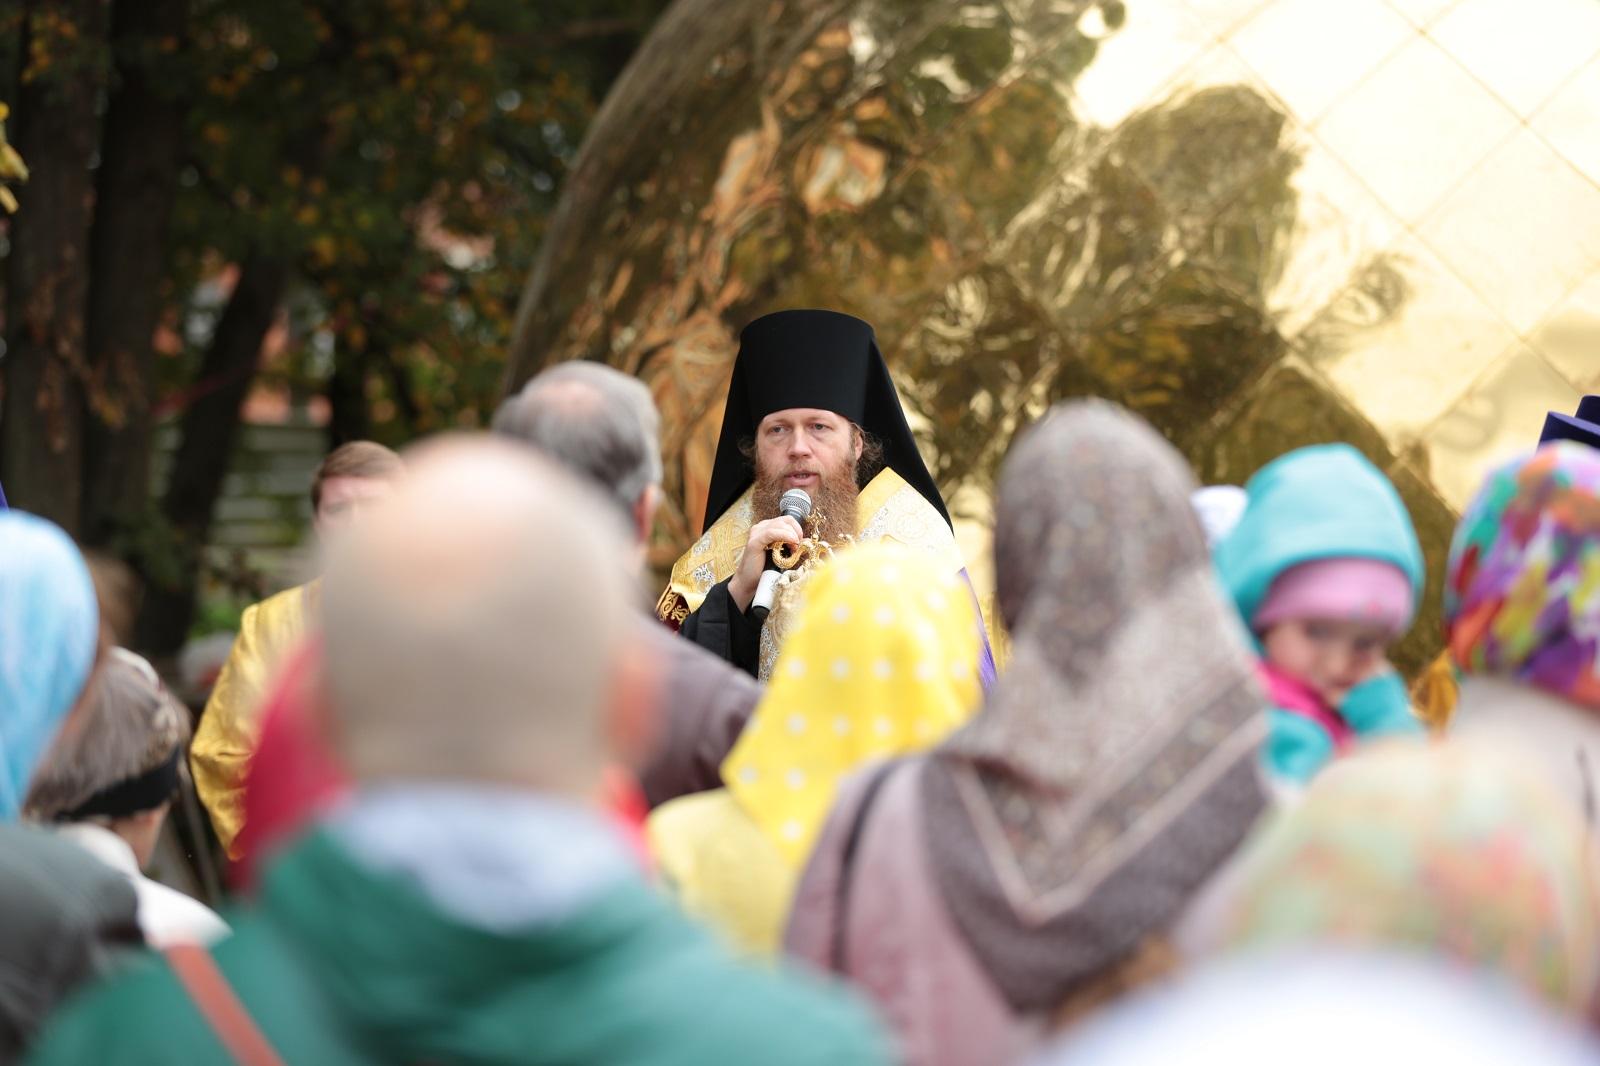 Православные праздники в июле 2017 года в россии календарь: праздники в первой половине июля